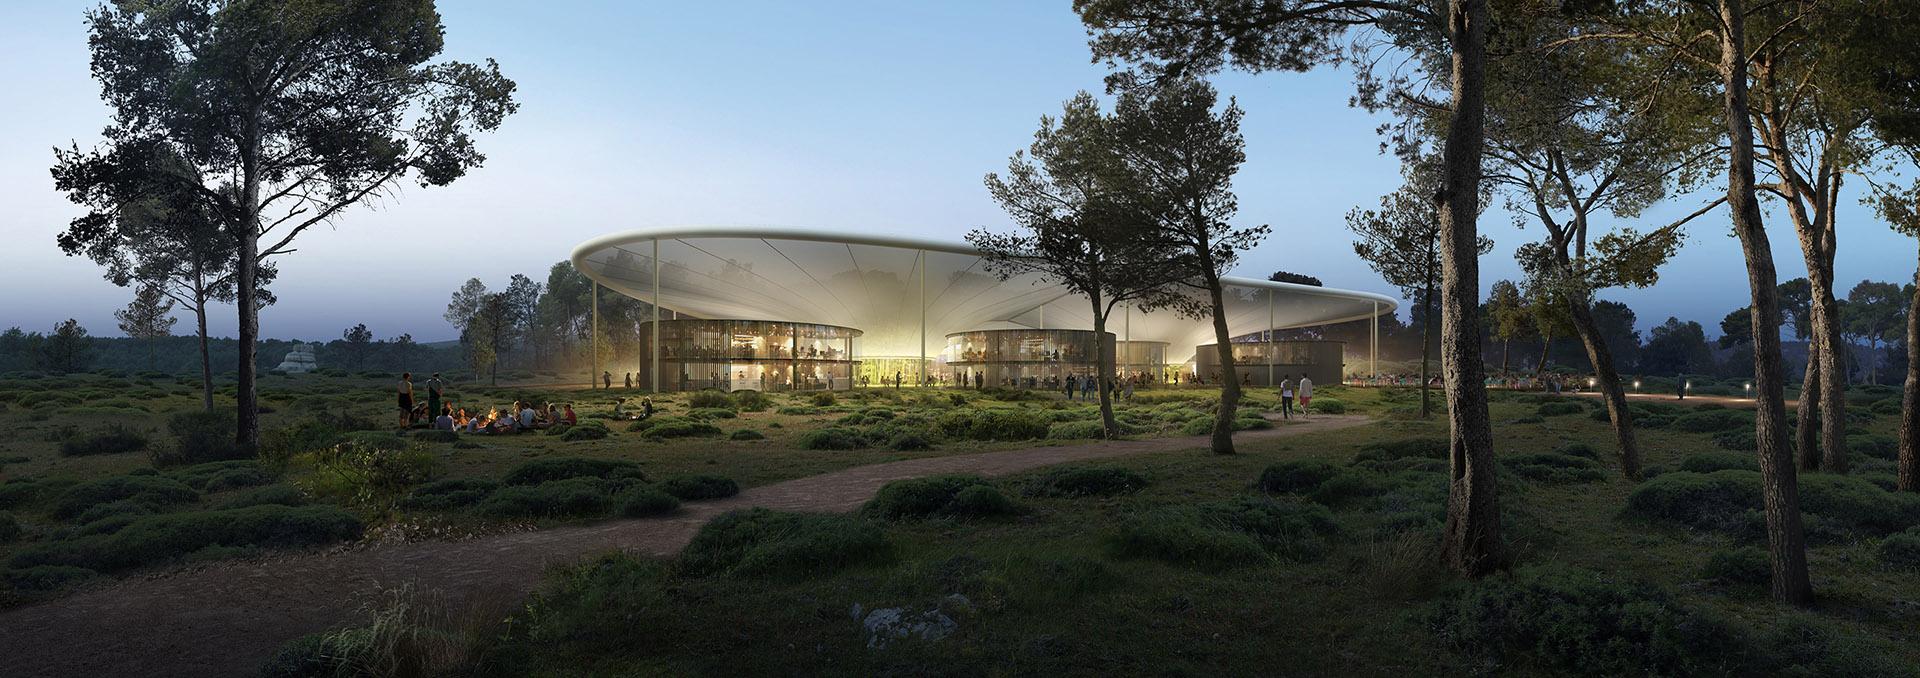 Image de communication - Agence VEZZONI & Associés - Architecte - Petit incubateur à l'Arbois